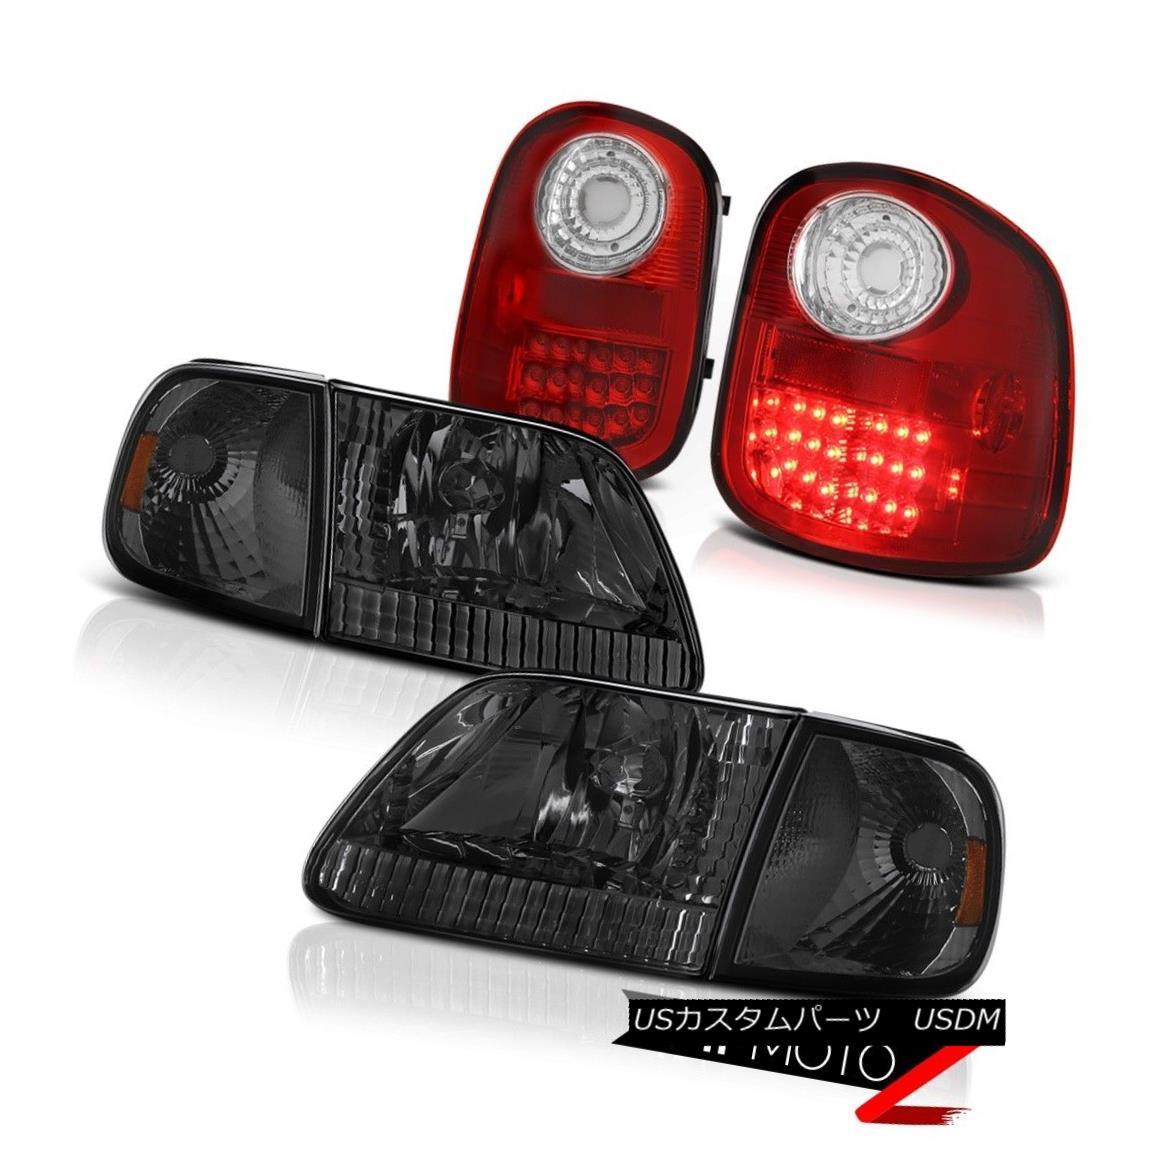 テールライト Smoke Corner+Headlights LED Brake Tail Lights 1997-2003 Ford F150 Flareside 4.6L スモークコーナー+ヘッドリッグ hts LEDブレーキテールライト1997-2003 Ford F150 Flareside 4.6L